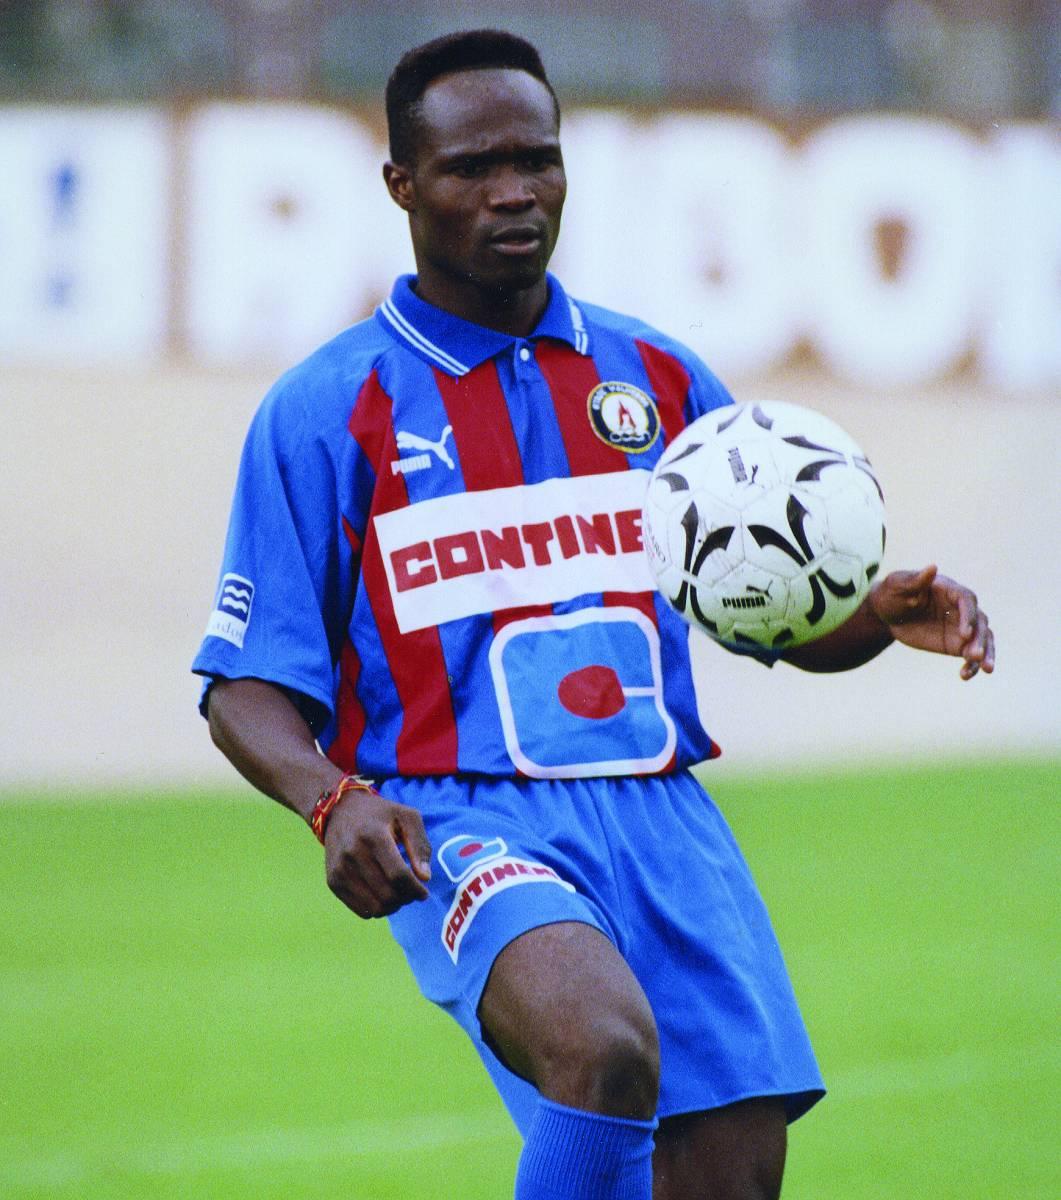 [16e journée de L1] SM Caen 1-2 O Lyon Hippolyte_dangbeto